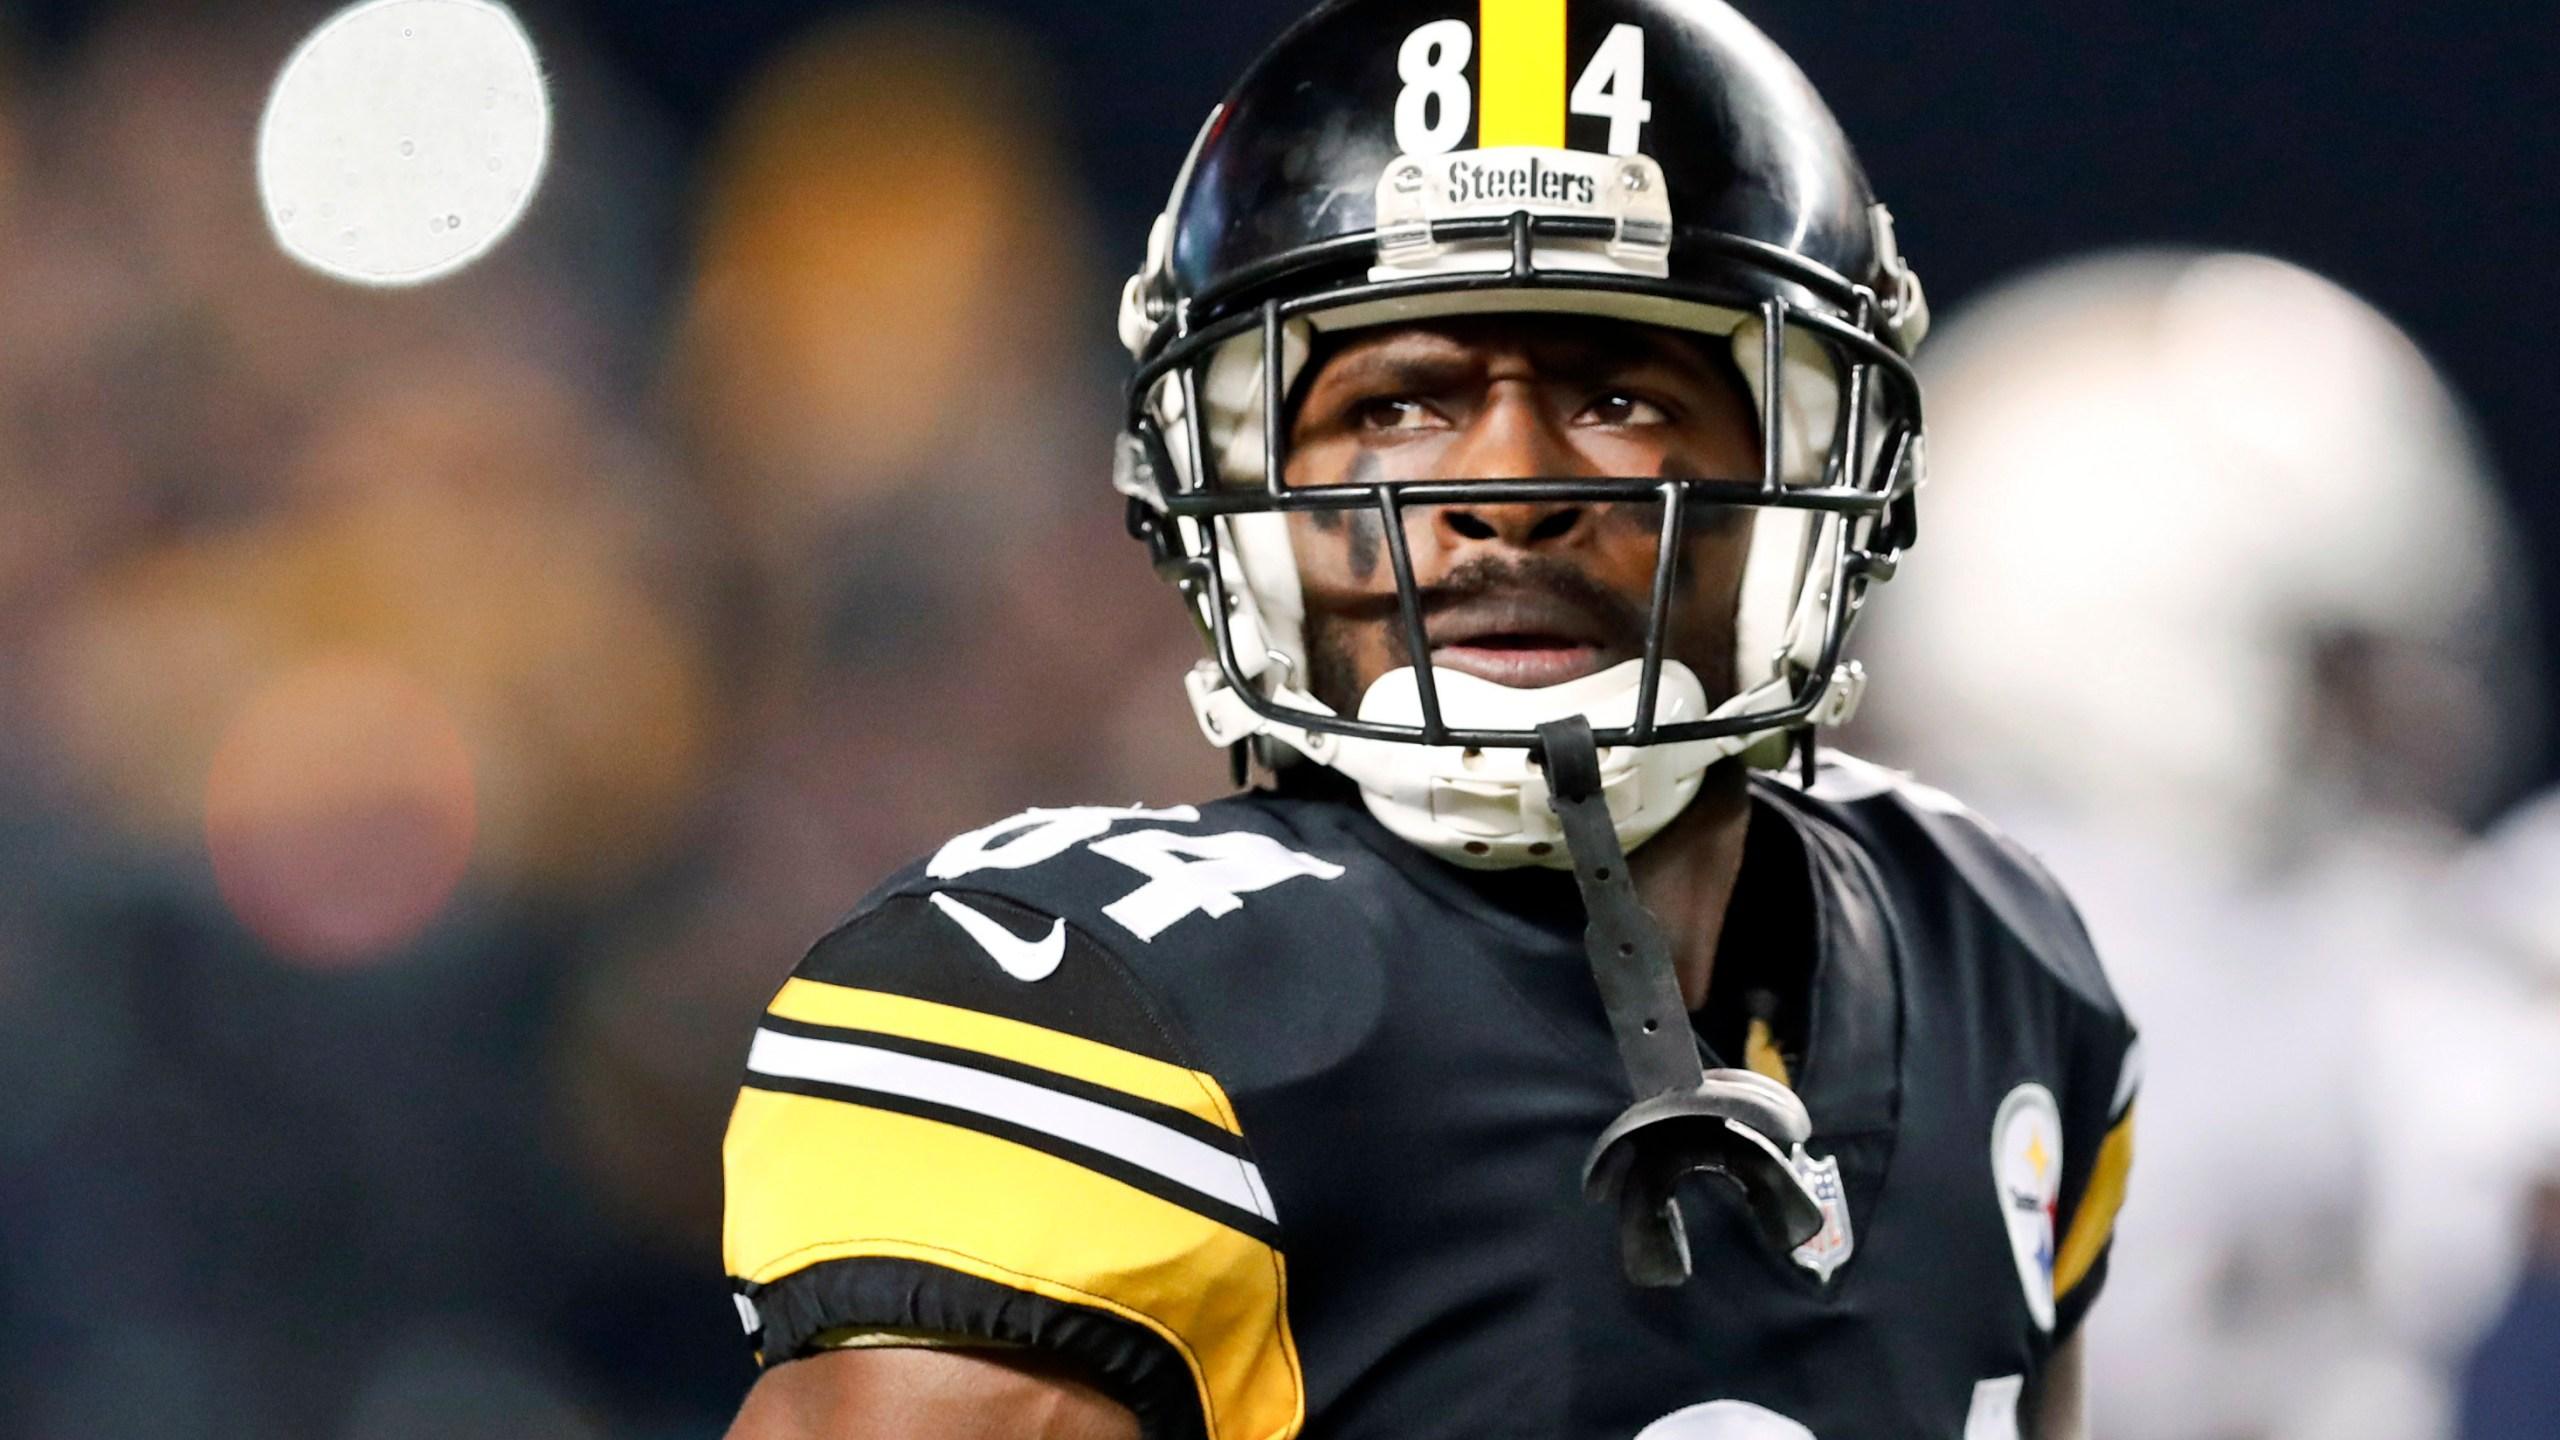 Steelers_Brown_Football_44069-159532.jpg23031268